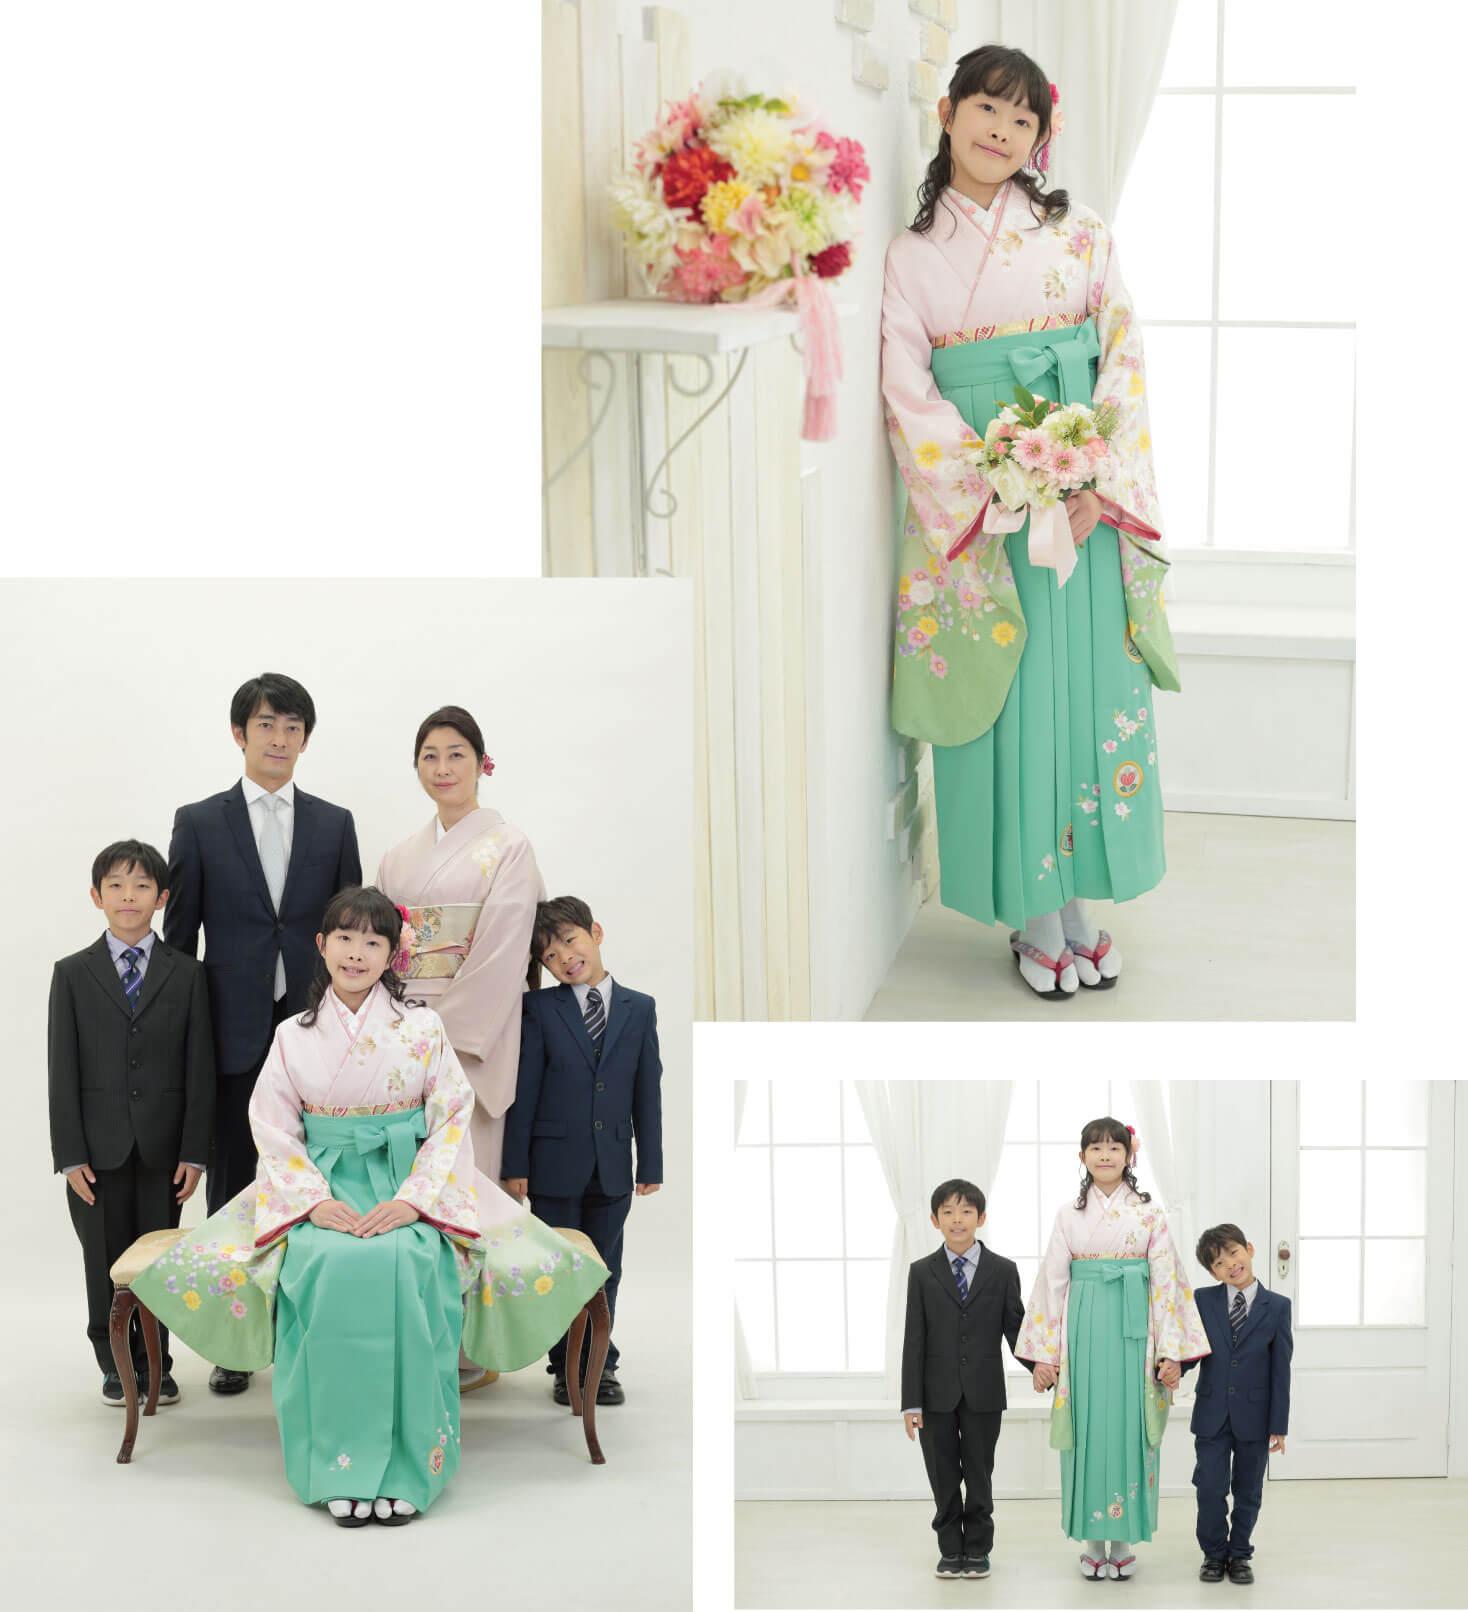 ご家族と小学校卒業の記念写真を撮る女の子